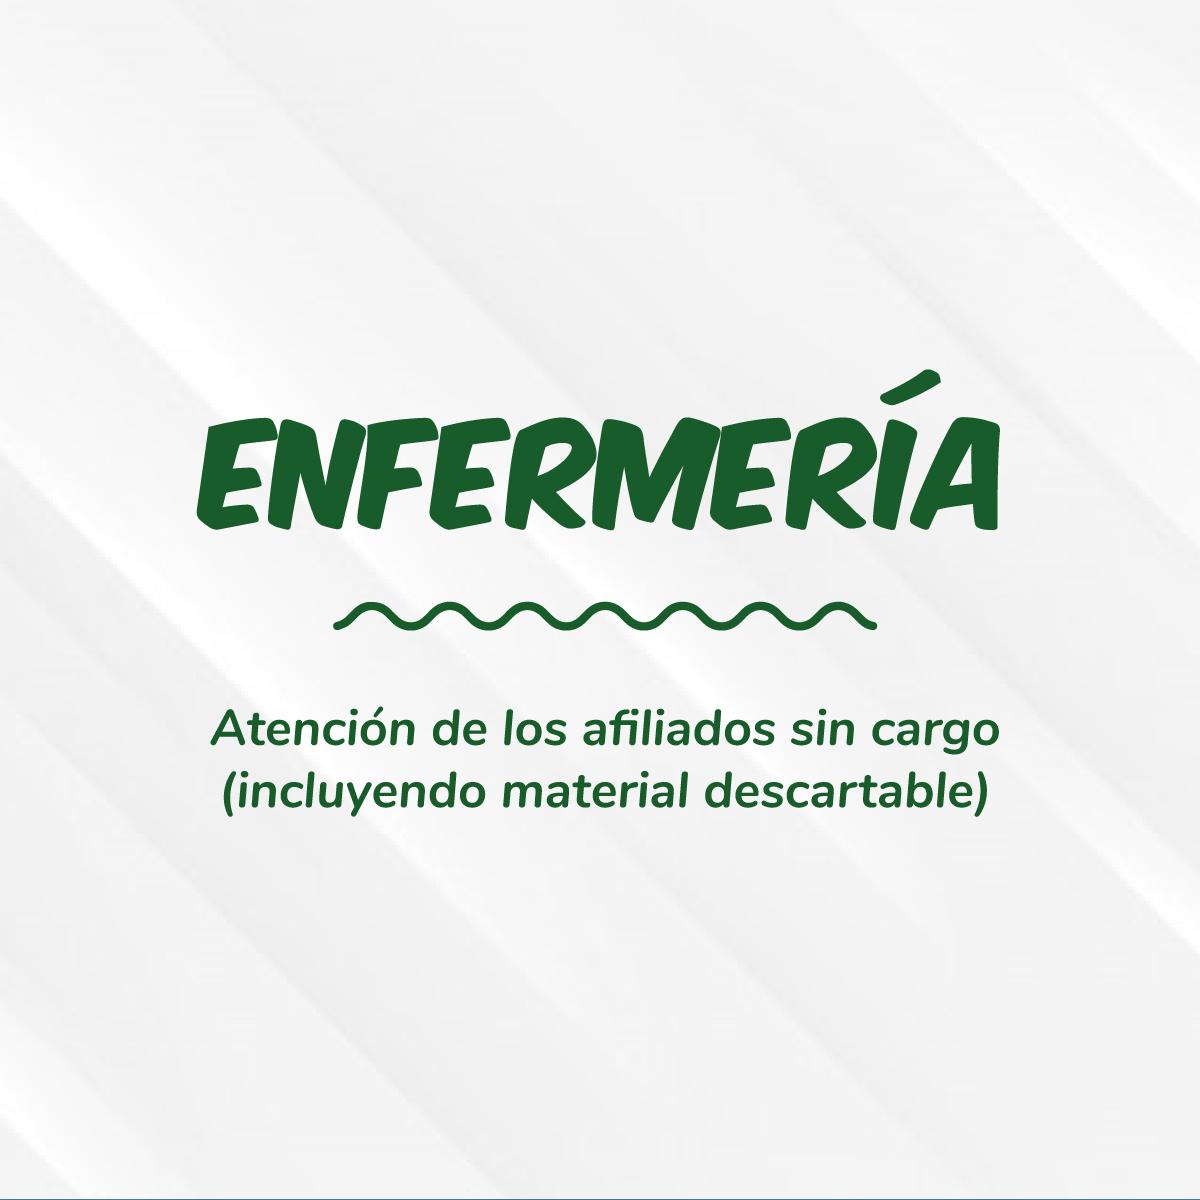 #BeneficiosCEC ENFERMERÍA